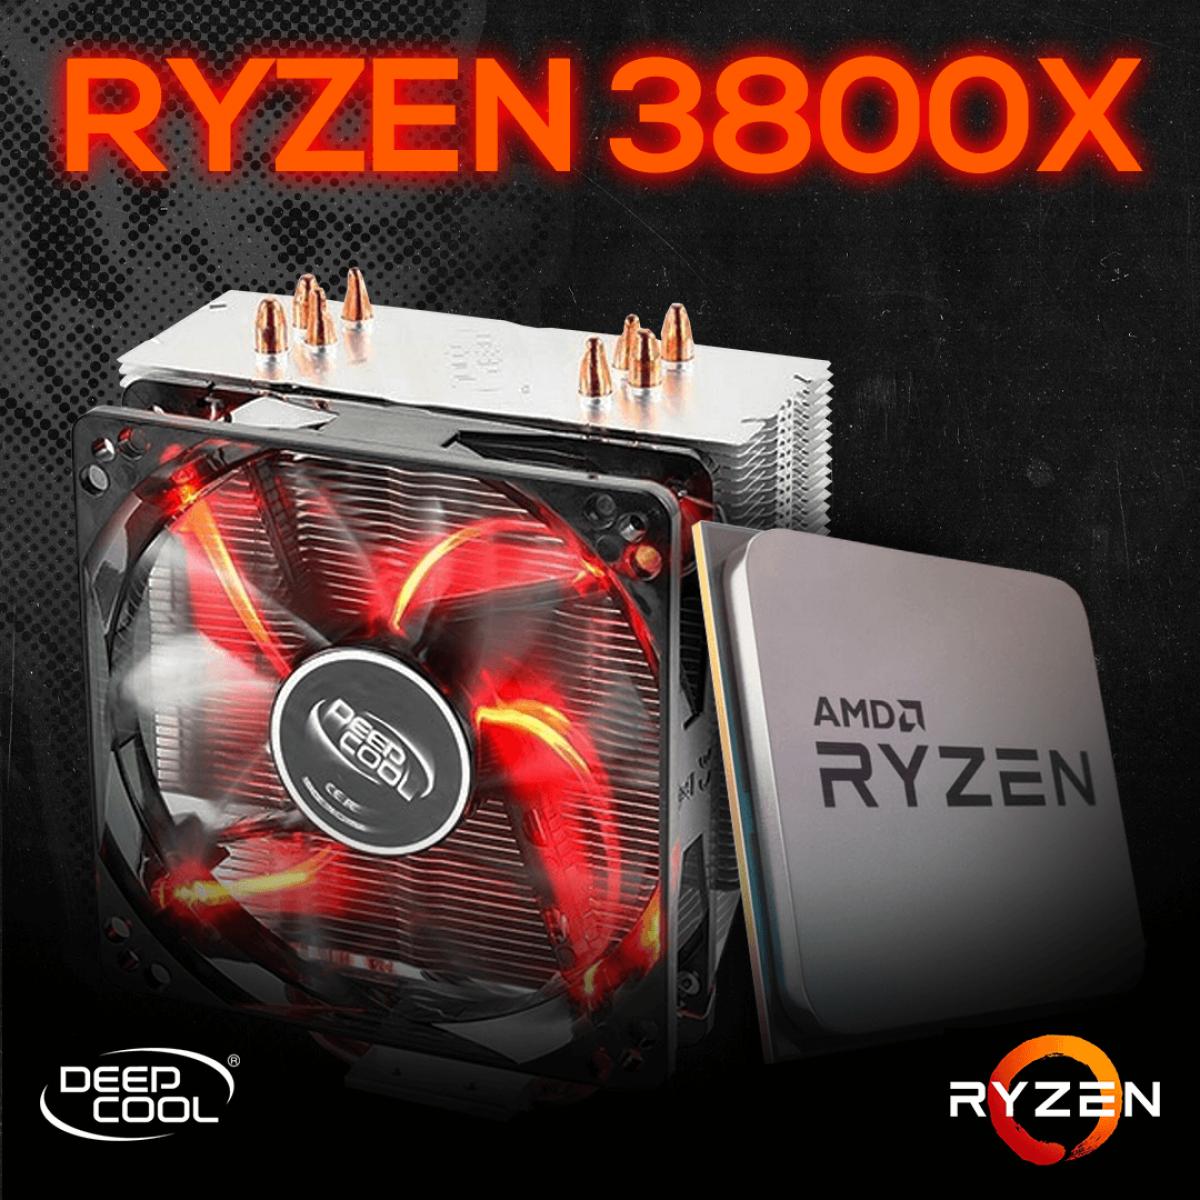 Kit Processador AMD Ryzen 7 3800x 3.9ghz (4.5ghz Turbo), 8-core 16-thread, + Cooler DeepCool Gammaxx 400